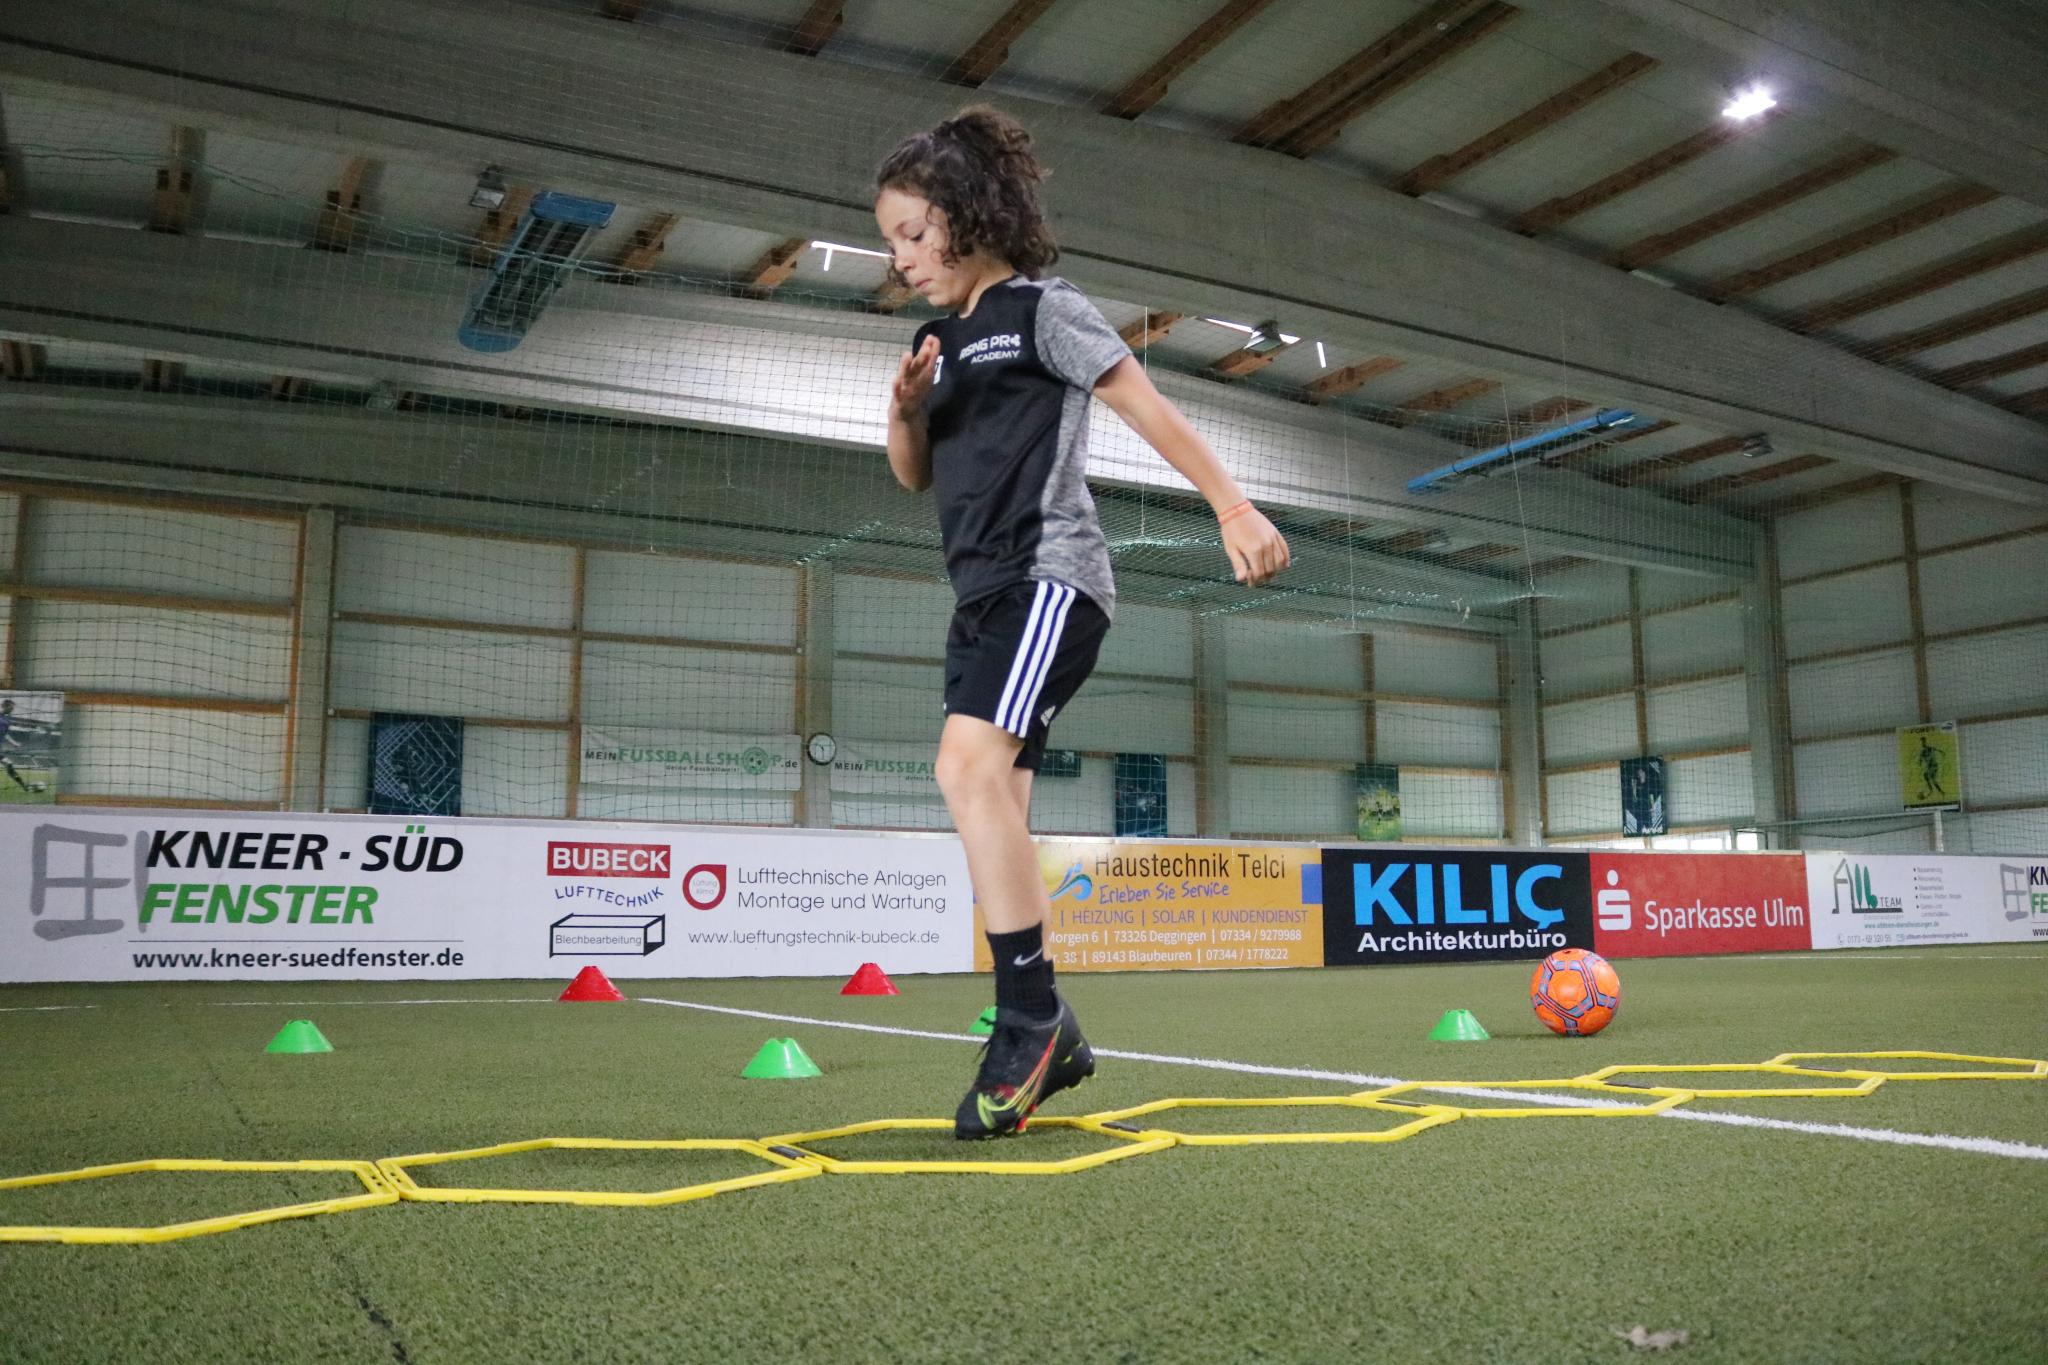 Flow Training Fußball, Mentale Stärke, Rising Pro